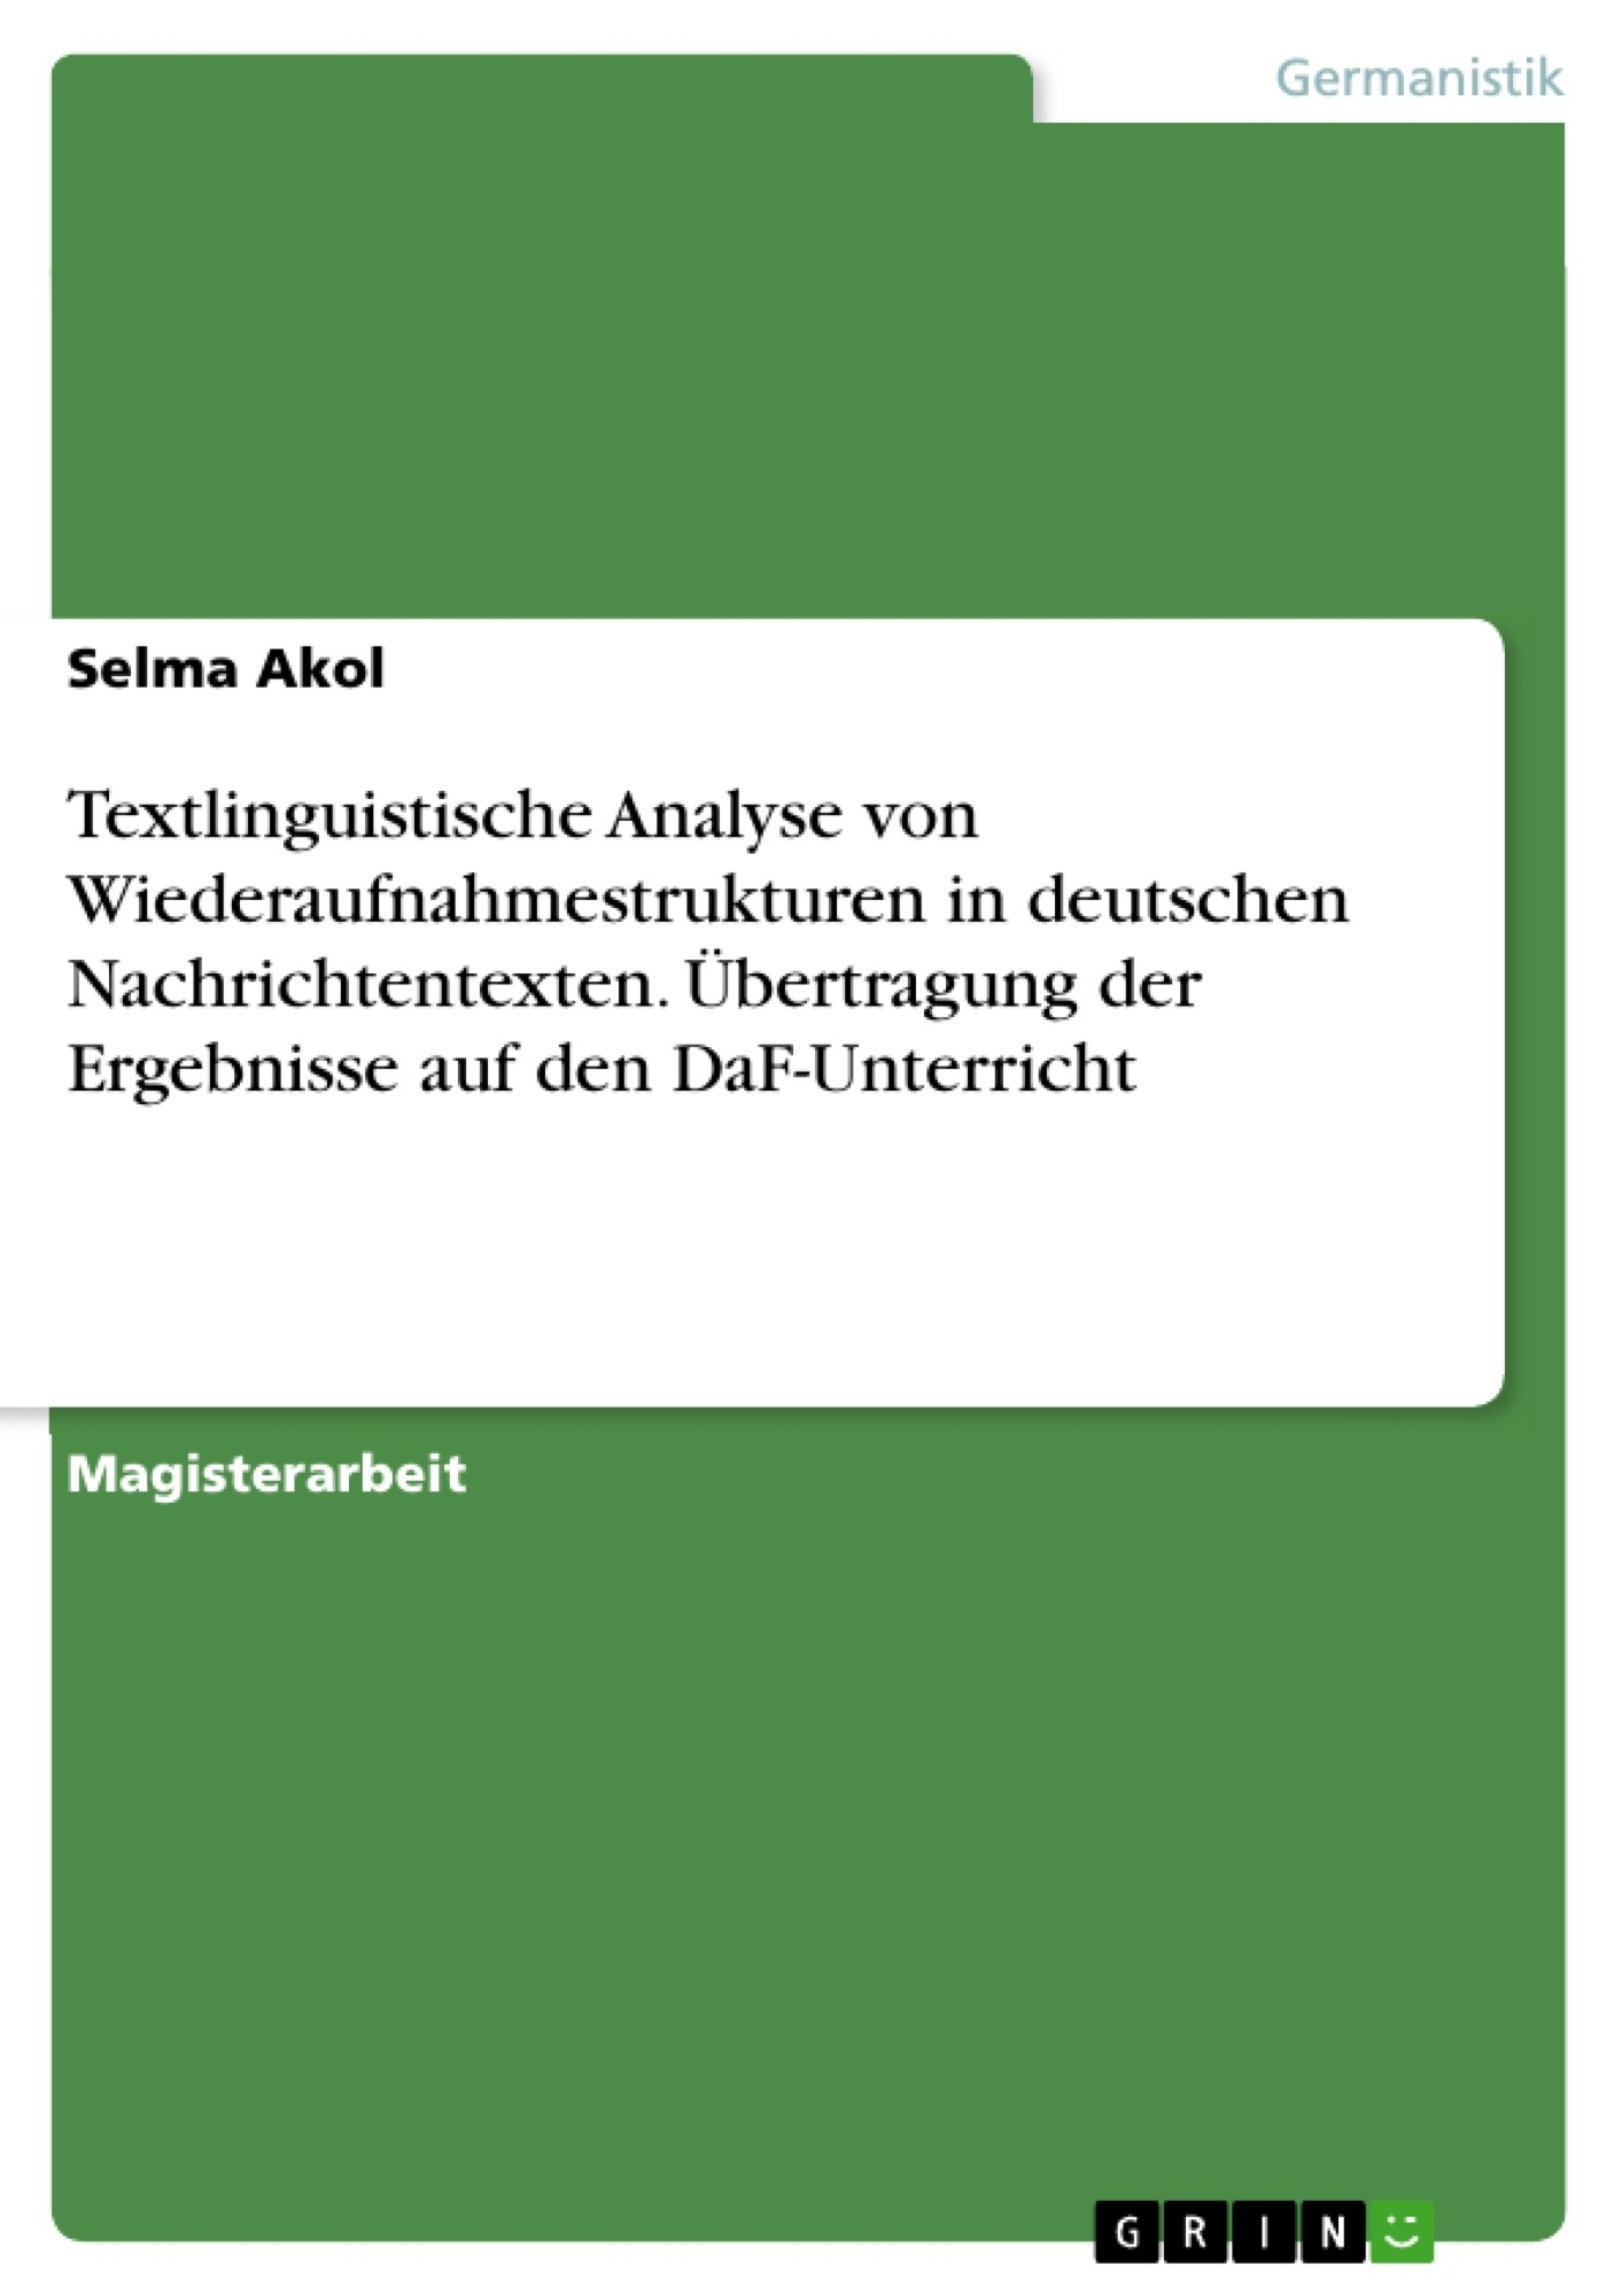 Titel: Textlinguistische Analyse von Wiederaufnahmestrukturen in deutschen Nachrichtentexten. Übertragung der Ergebnisse auf den DaF-Unterricht